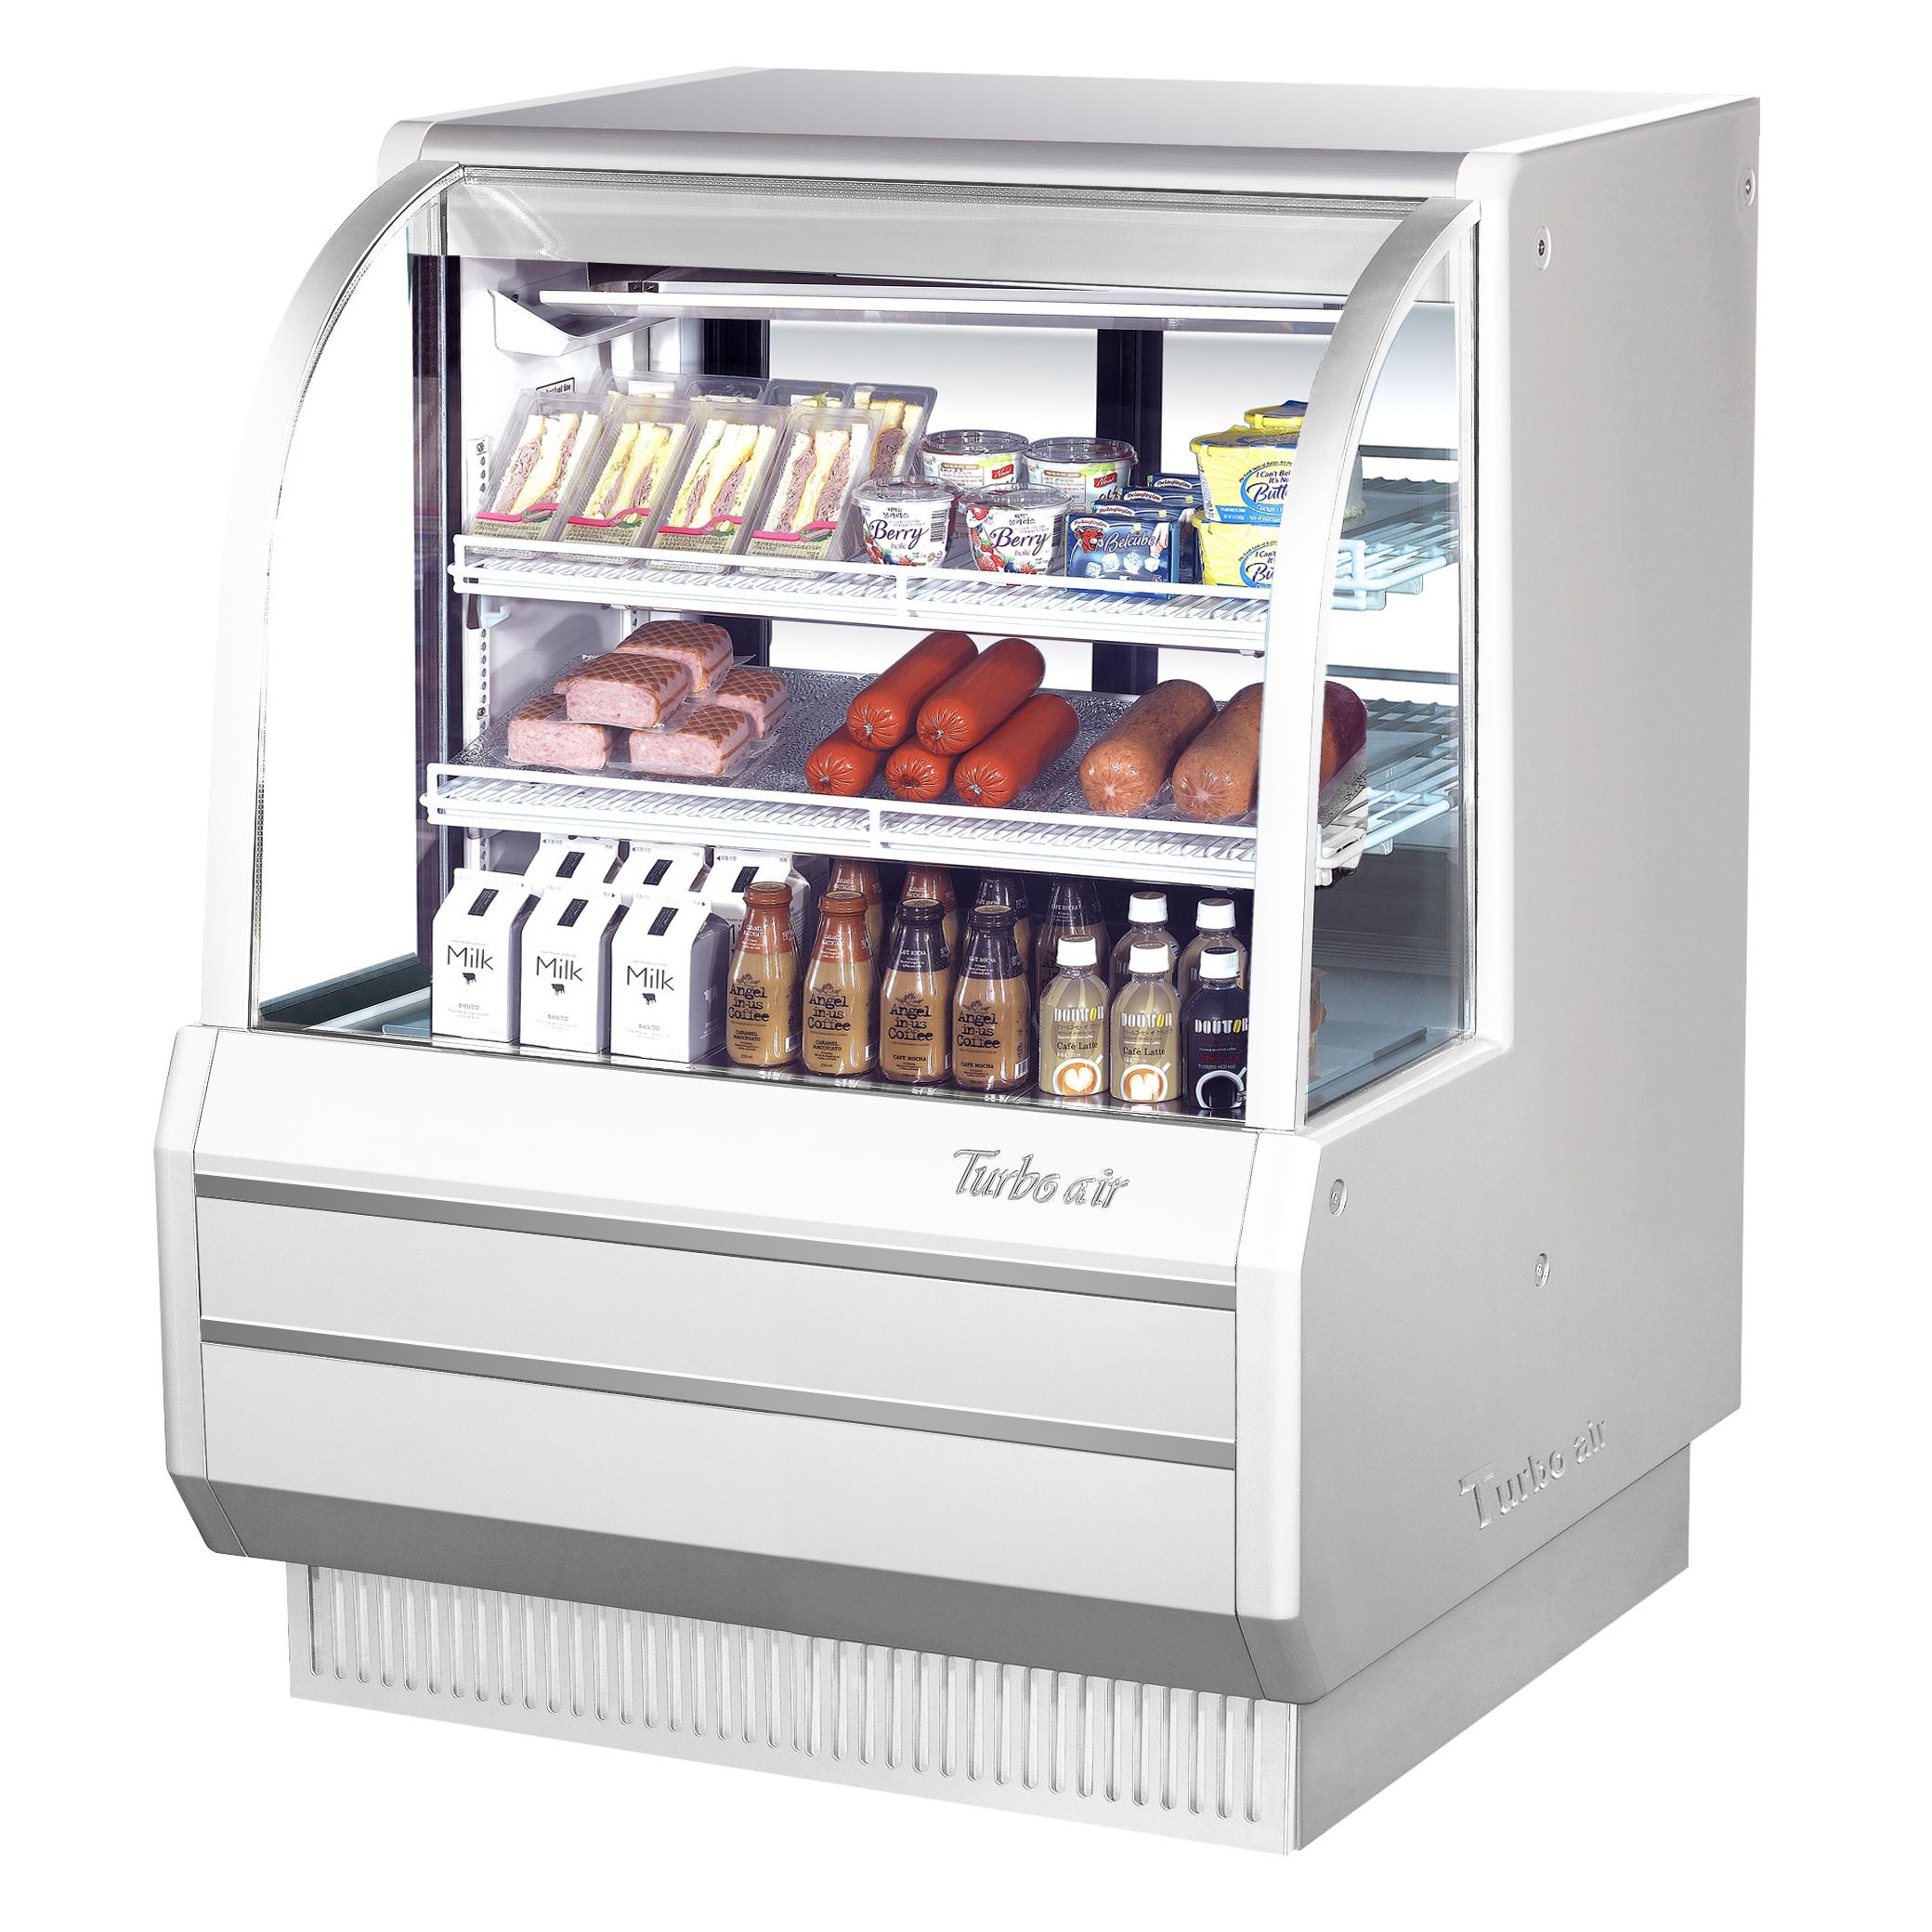 Turbo Air TCDD-48H-W(B)-N display case, refrigerated deli